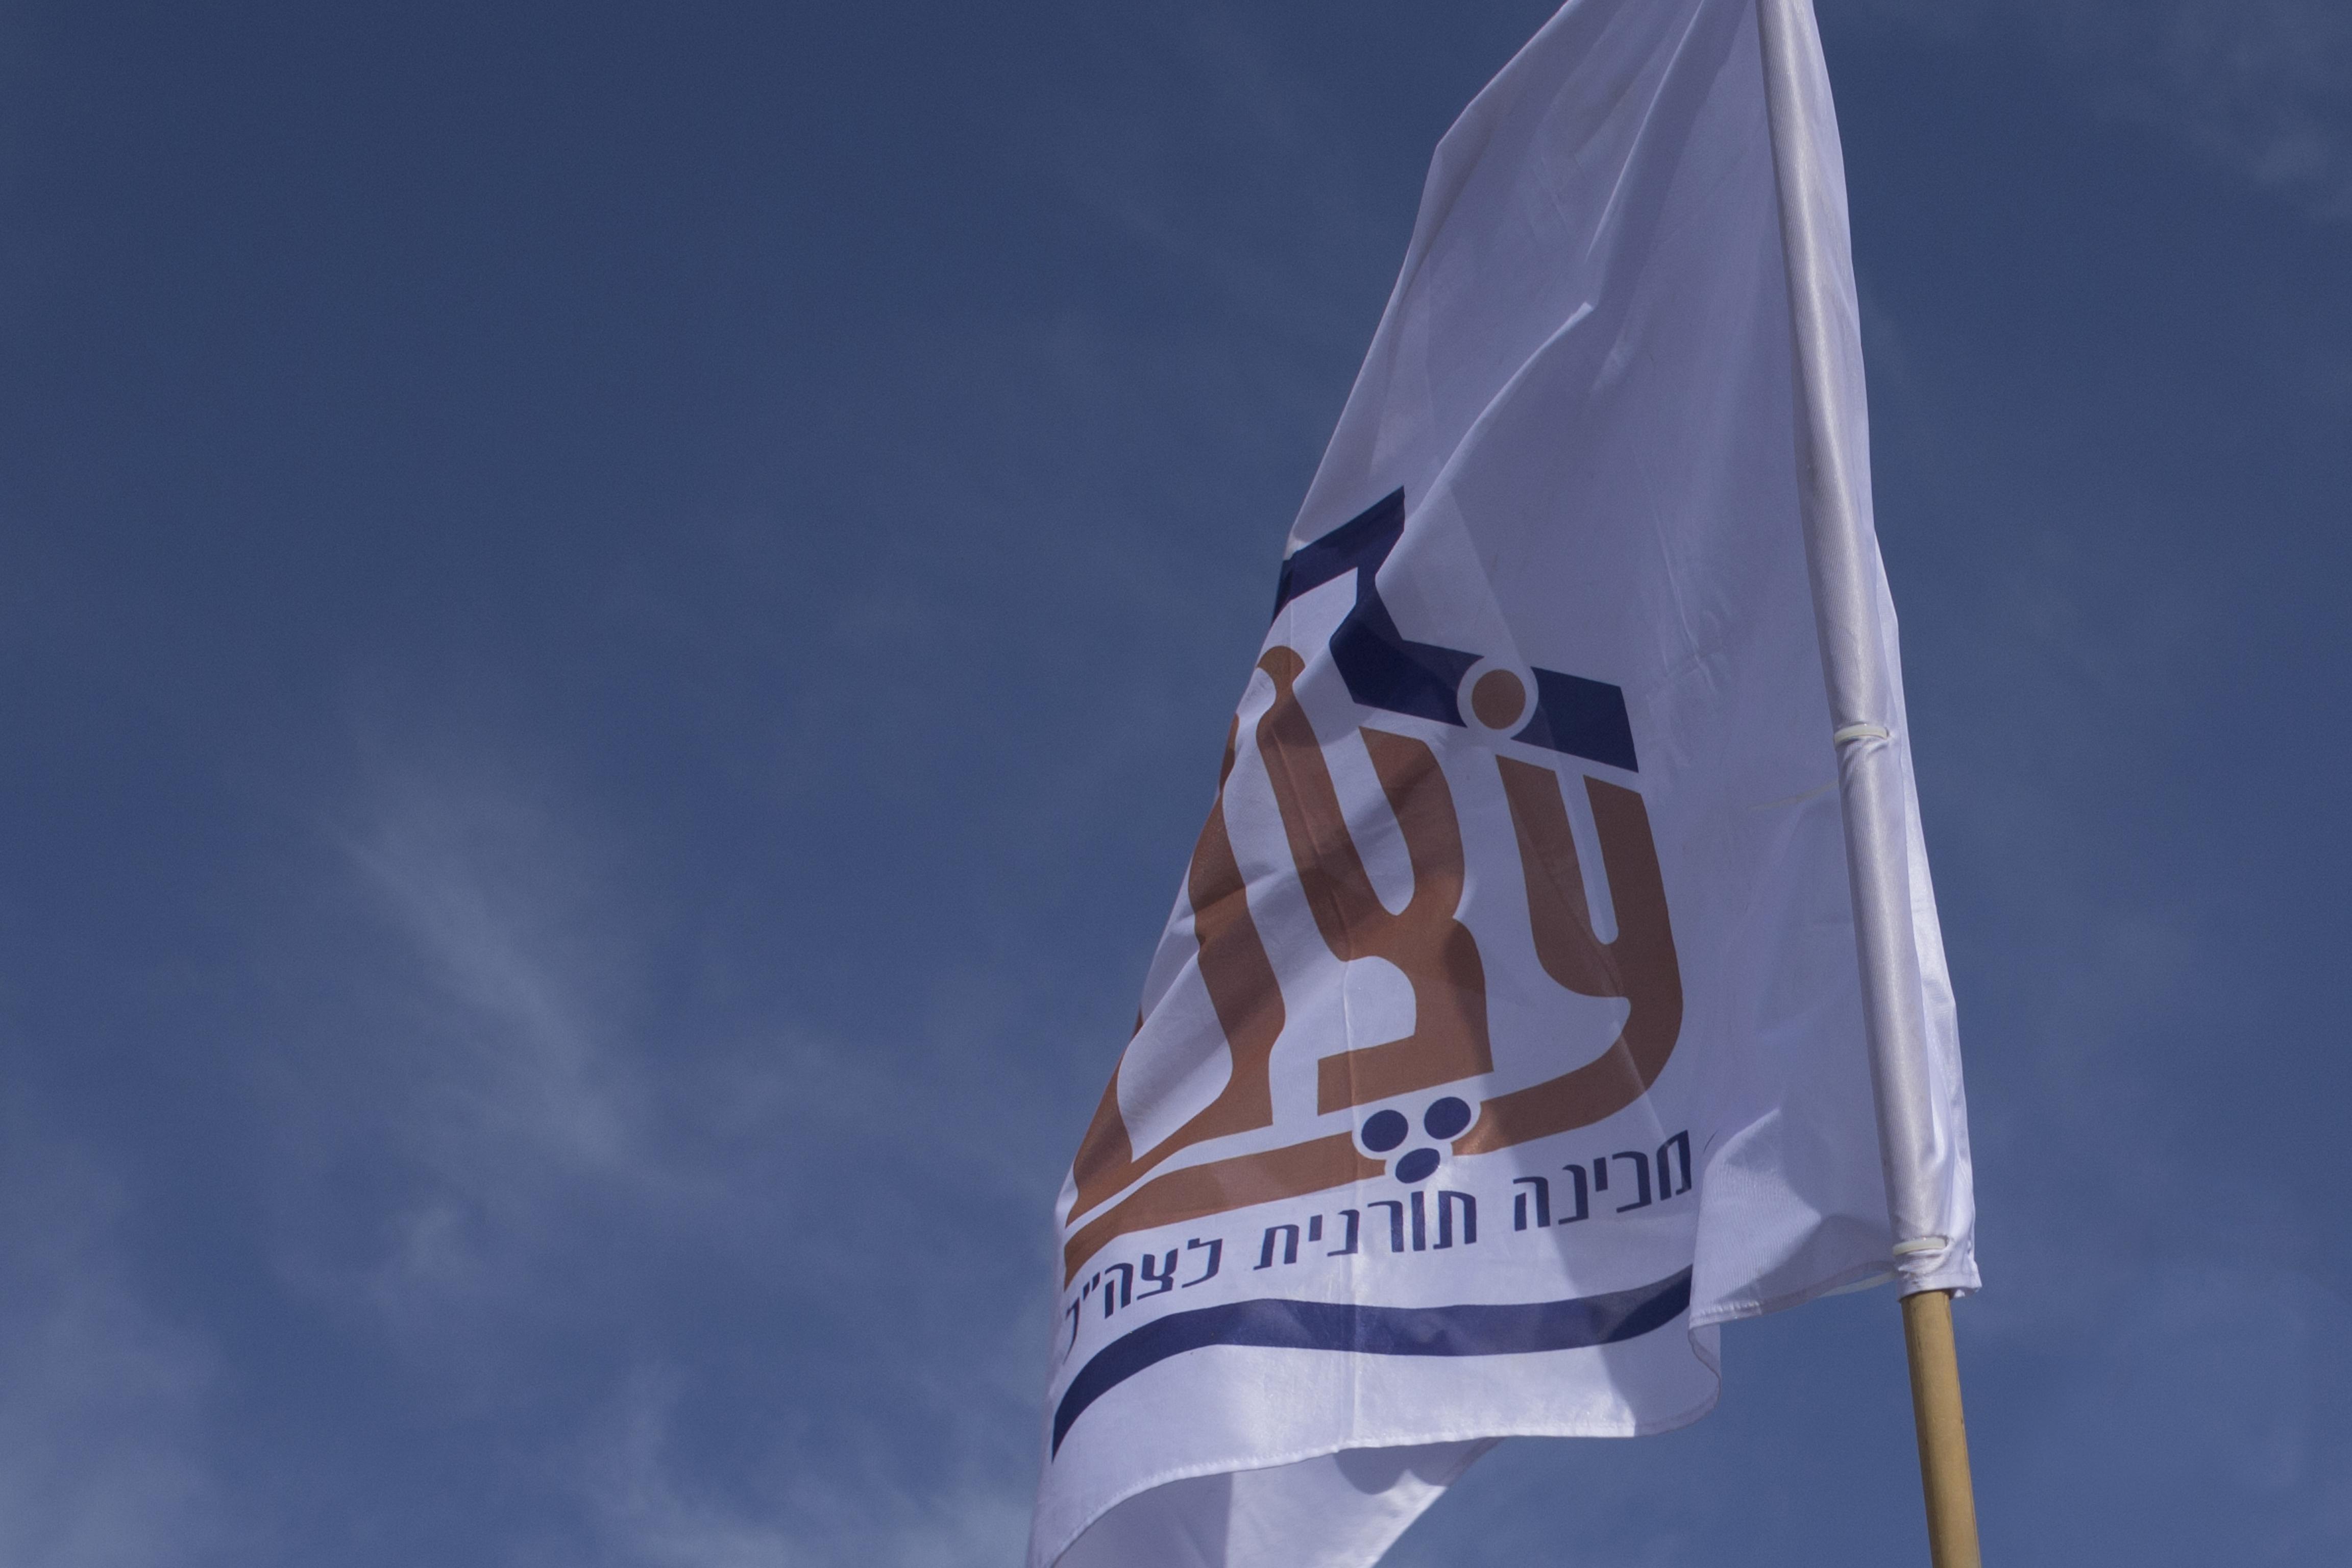 דגל המכינה